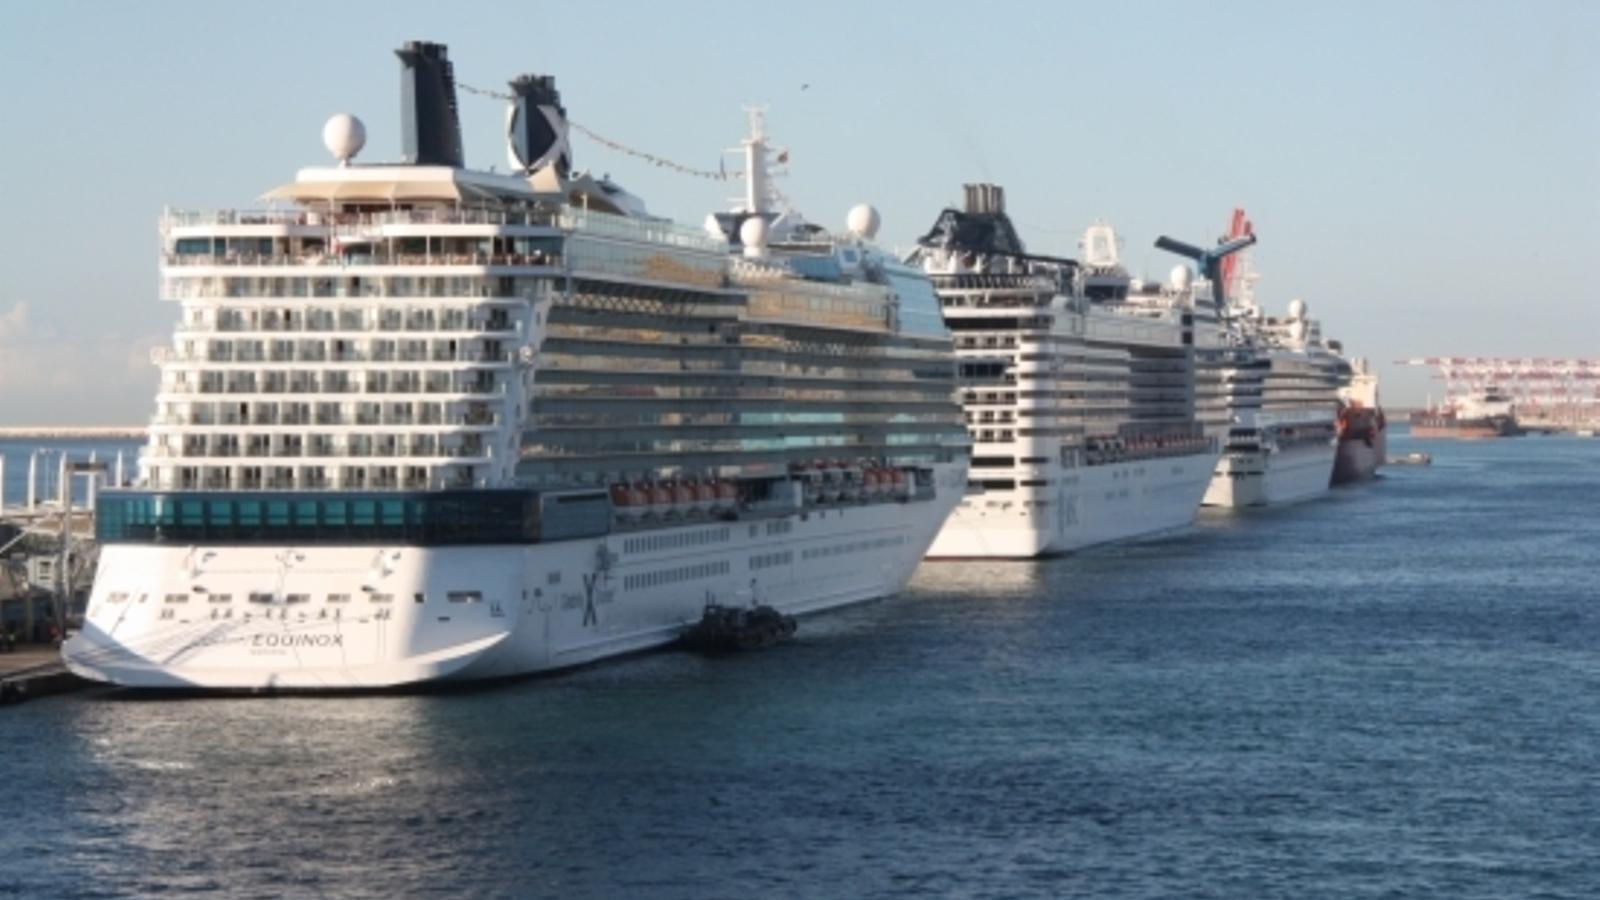 El moll Adossat del port de Barcelona amb diversos creuers amarrats.